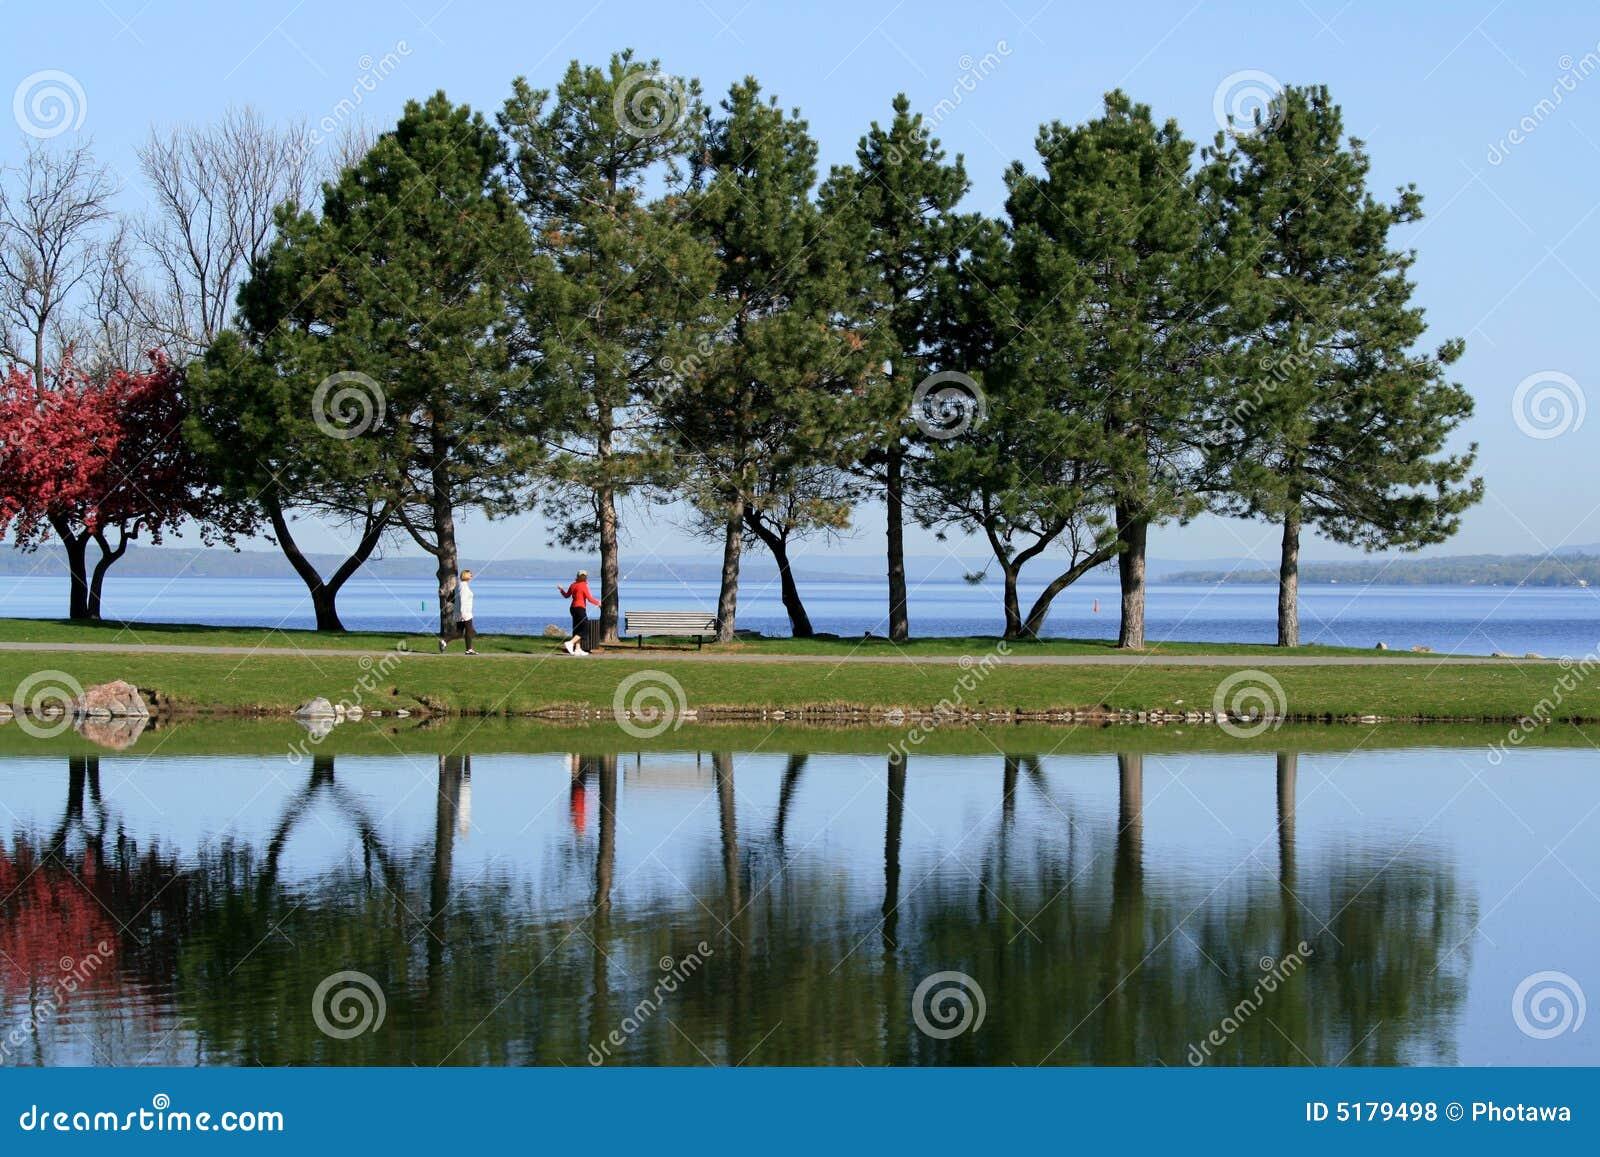 Women Walking Through Park in Spring